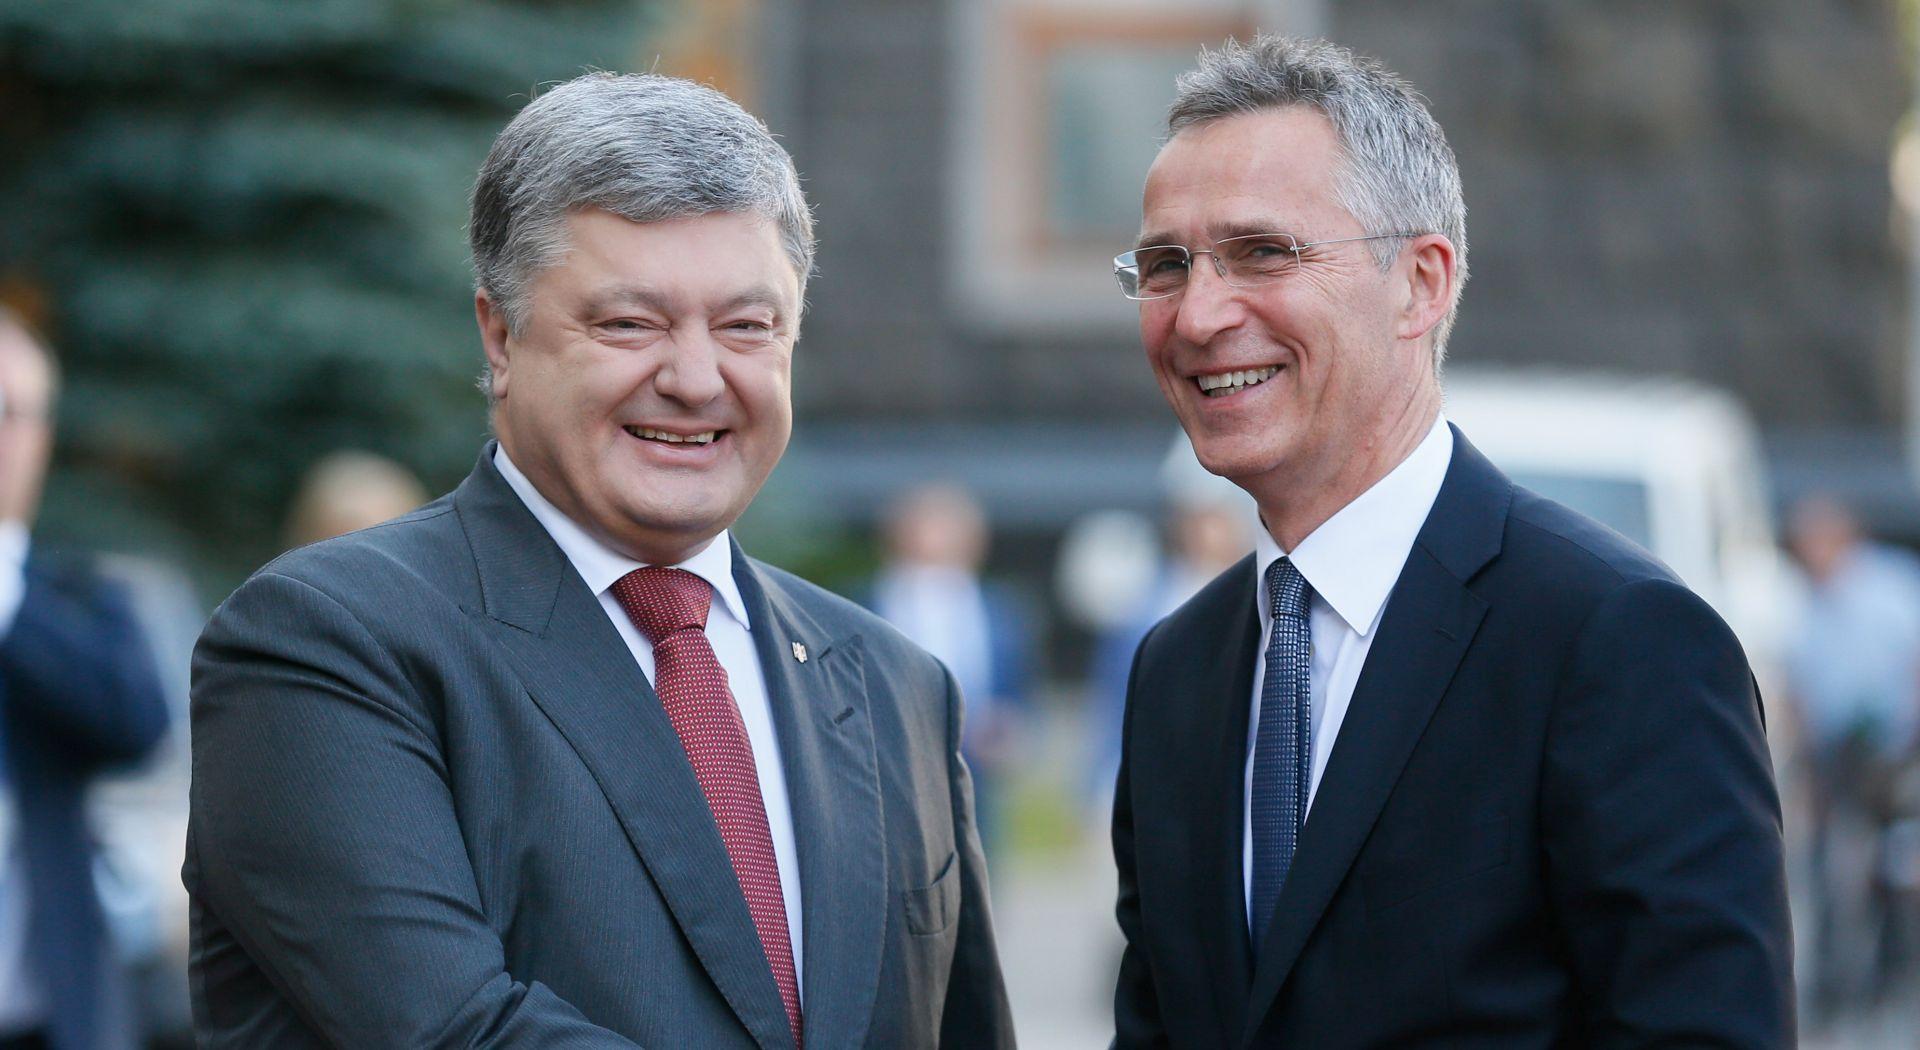 Ukrajina obećala reforme do 2020., traži smjernice za članstvo u NATO-u